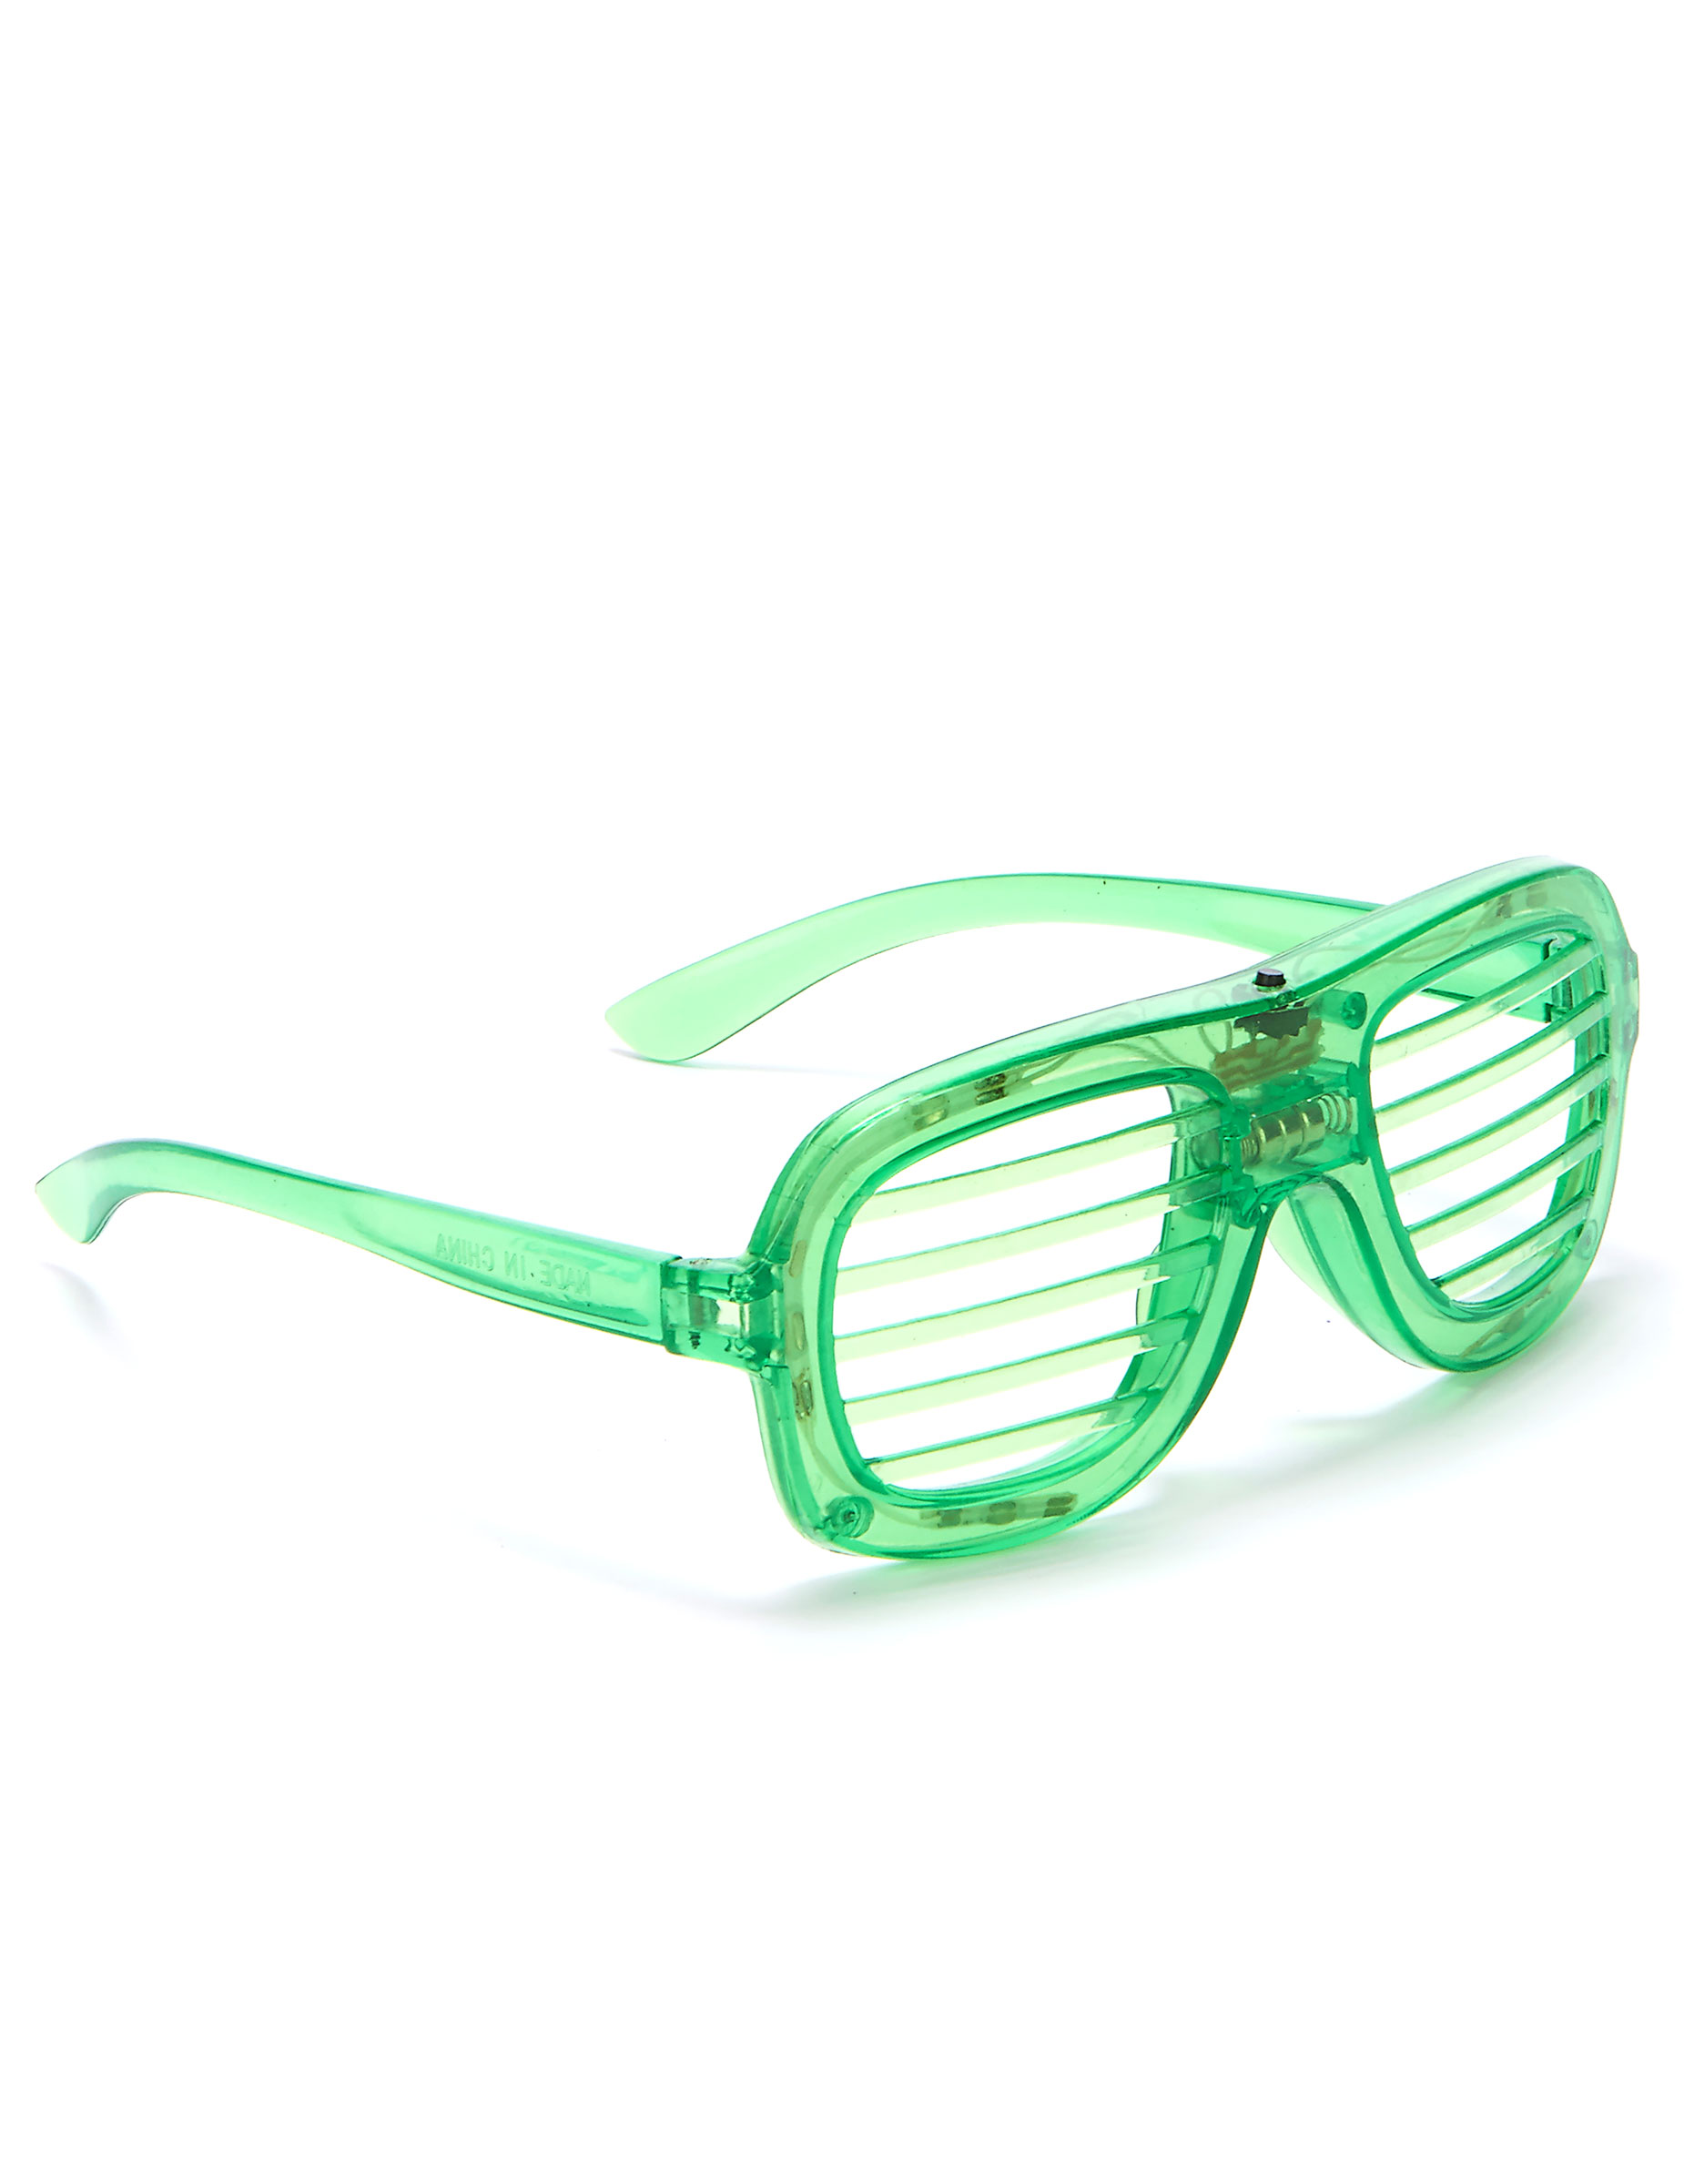 nuovo arrivo 89891 70f9b Occhiali verdi LED: Accessori,e vestiti di carnevale online ...